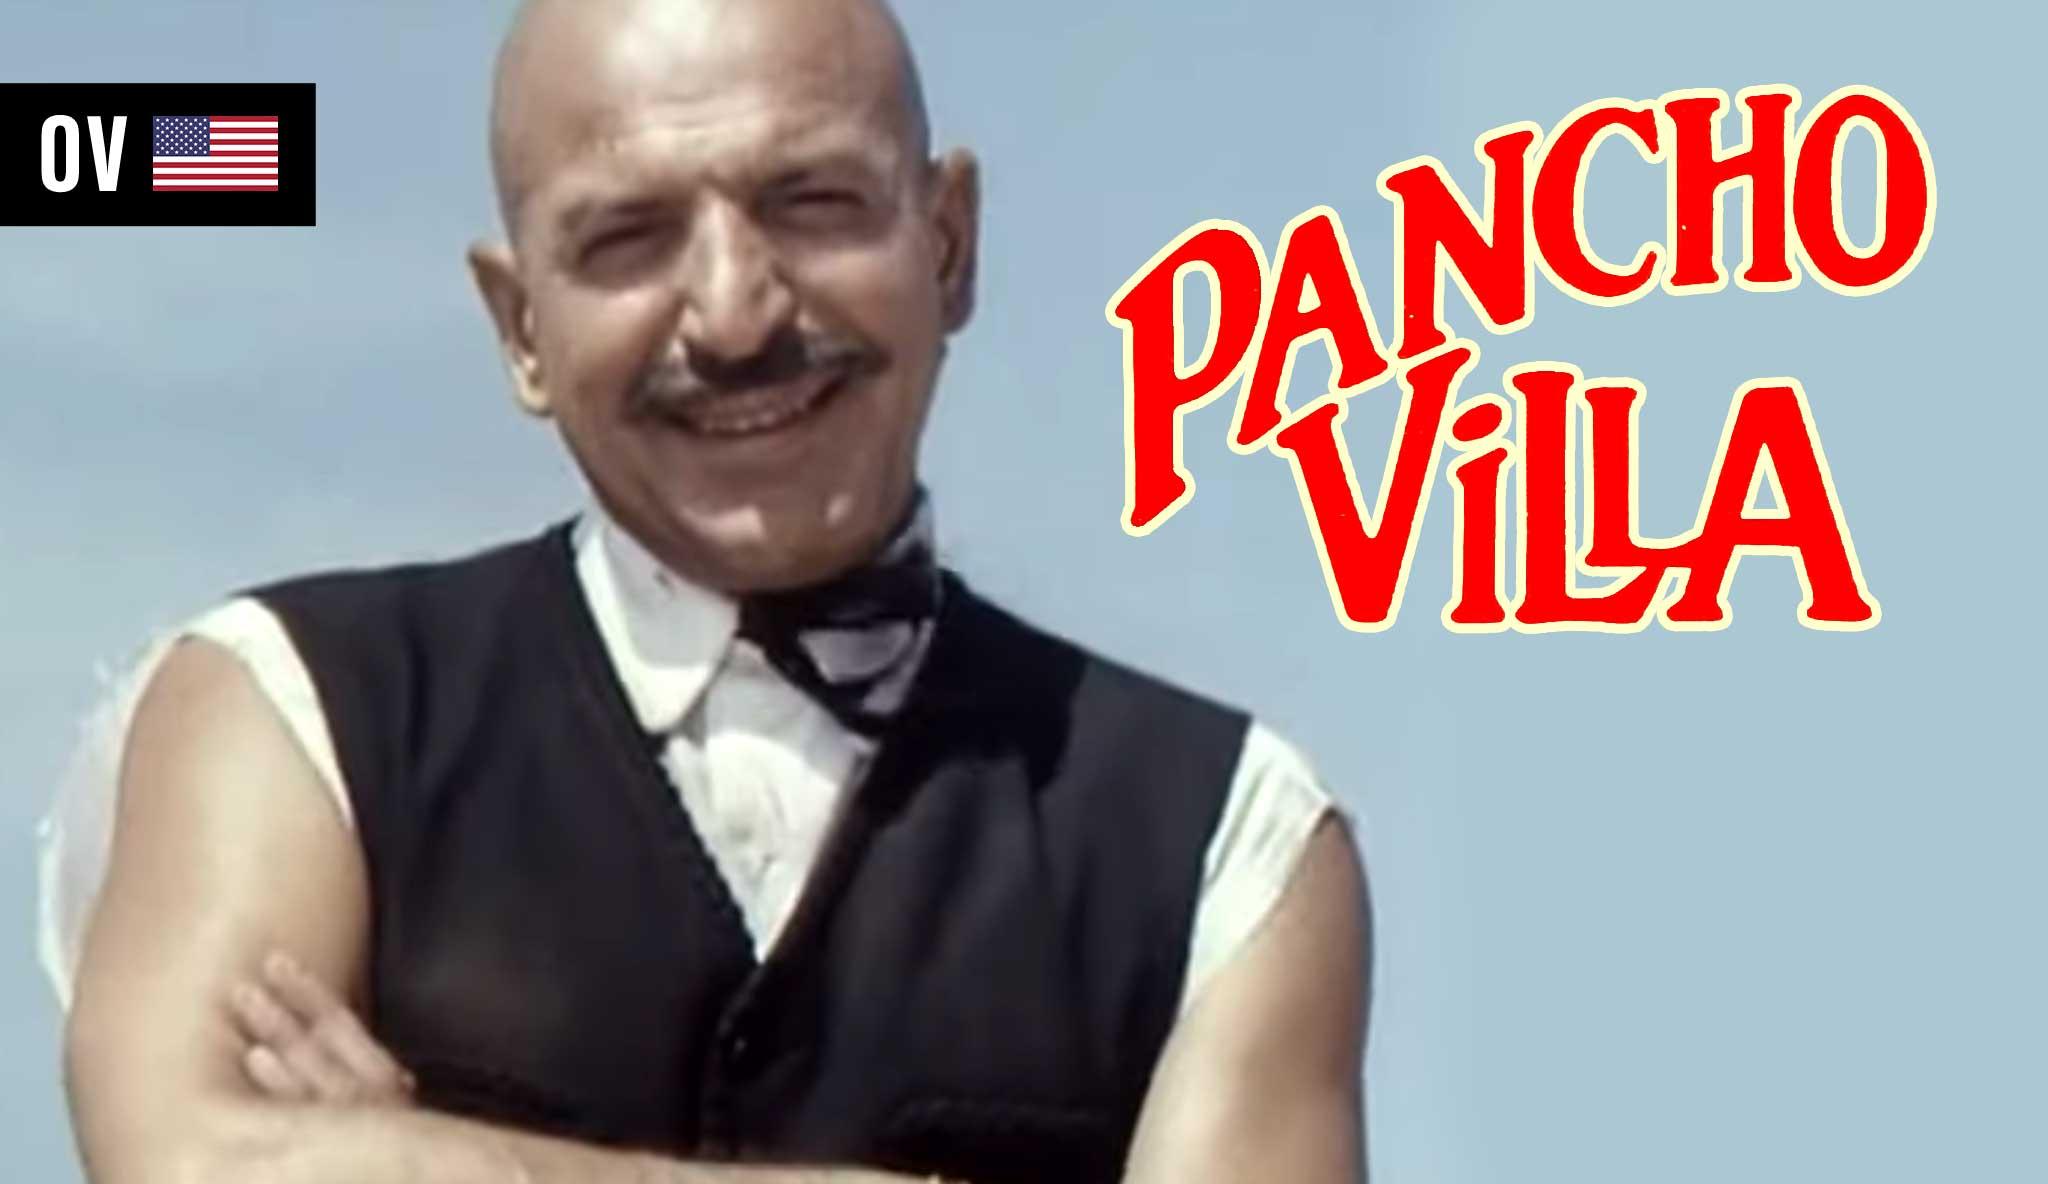 pancho-villa\header.jpg